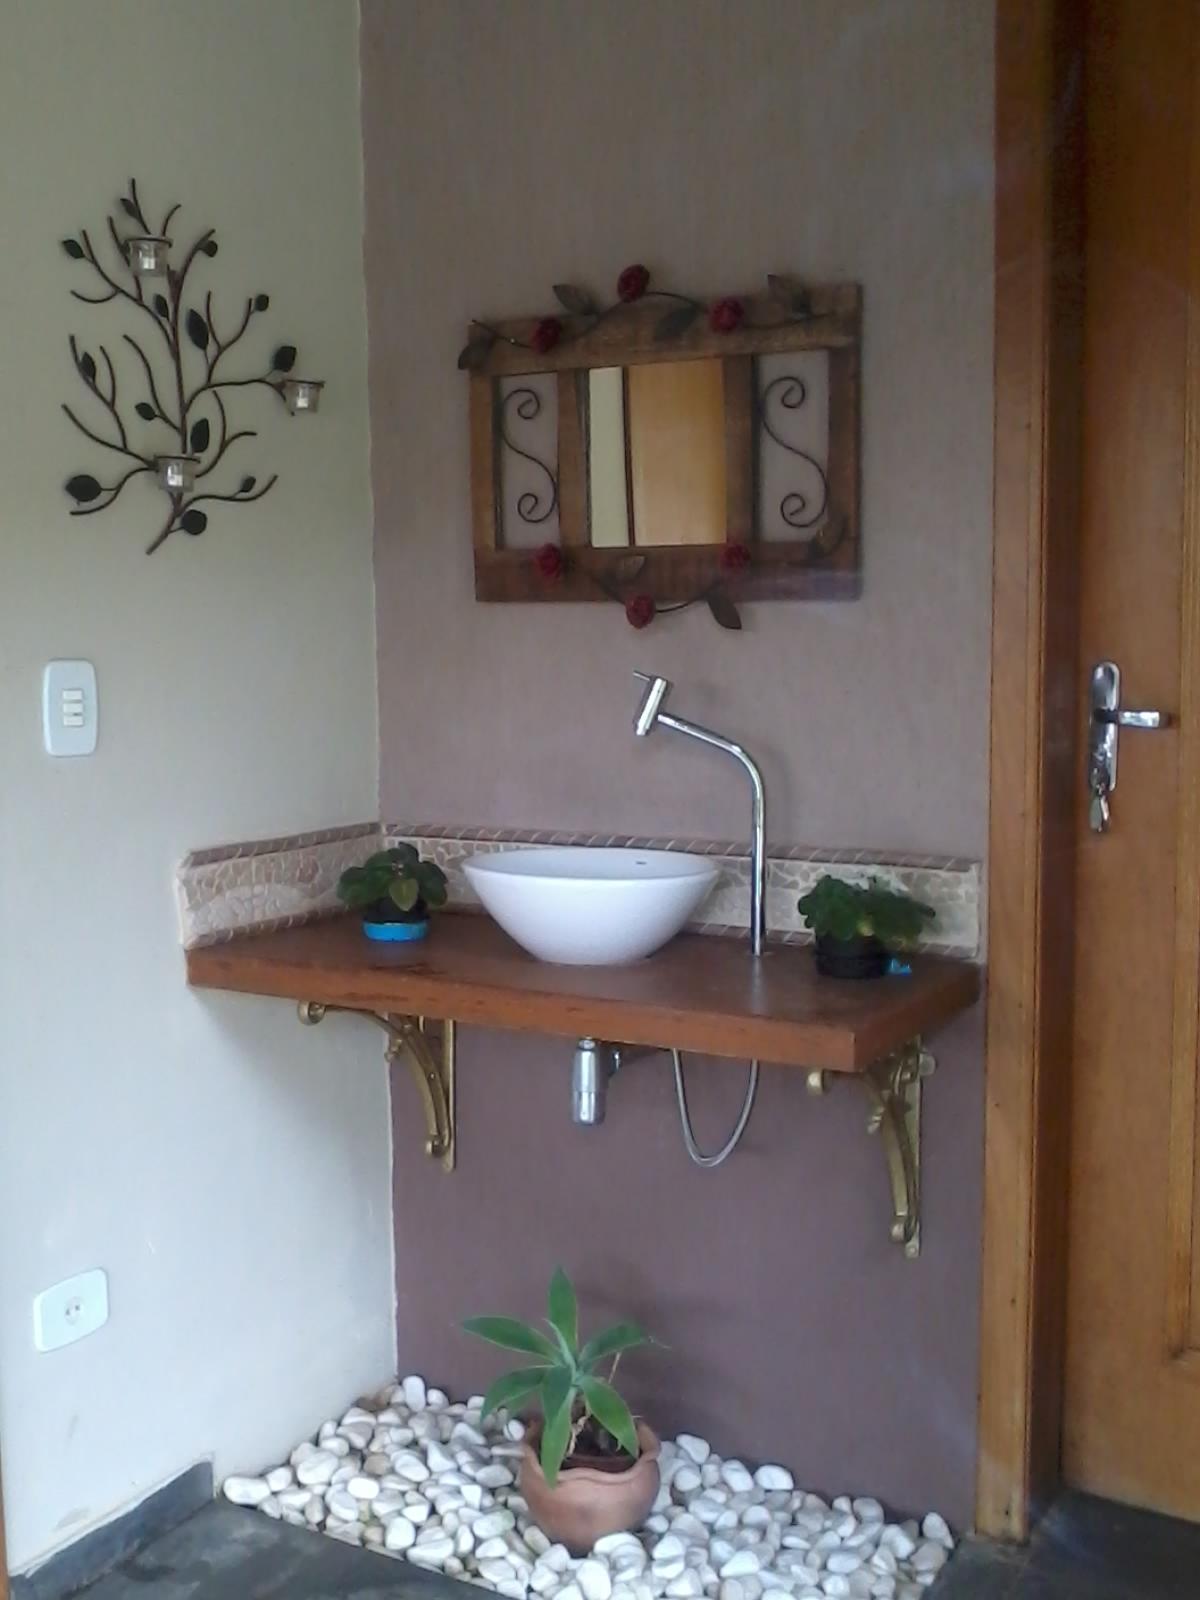 Para dar um toque de charme não colocamos piso em baixo da pia  #486883 1200x1600 Banheiro Acessivel Com Pia